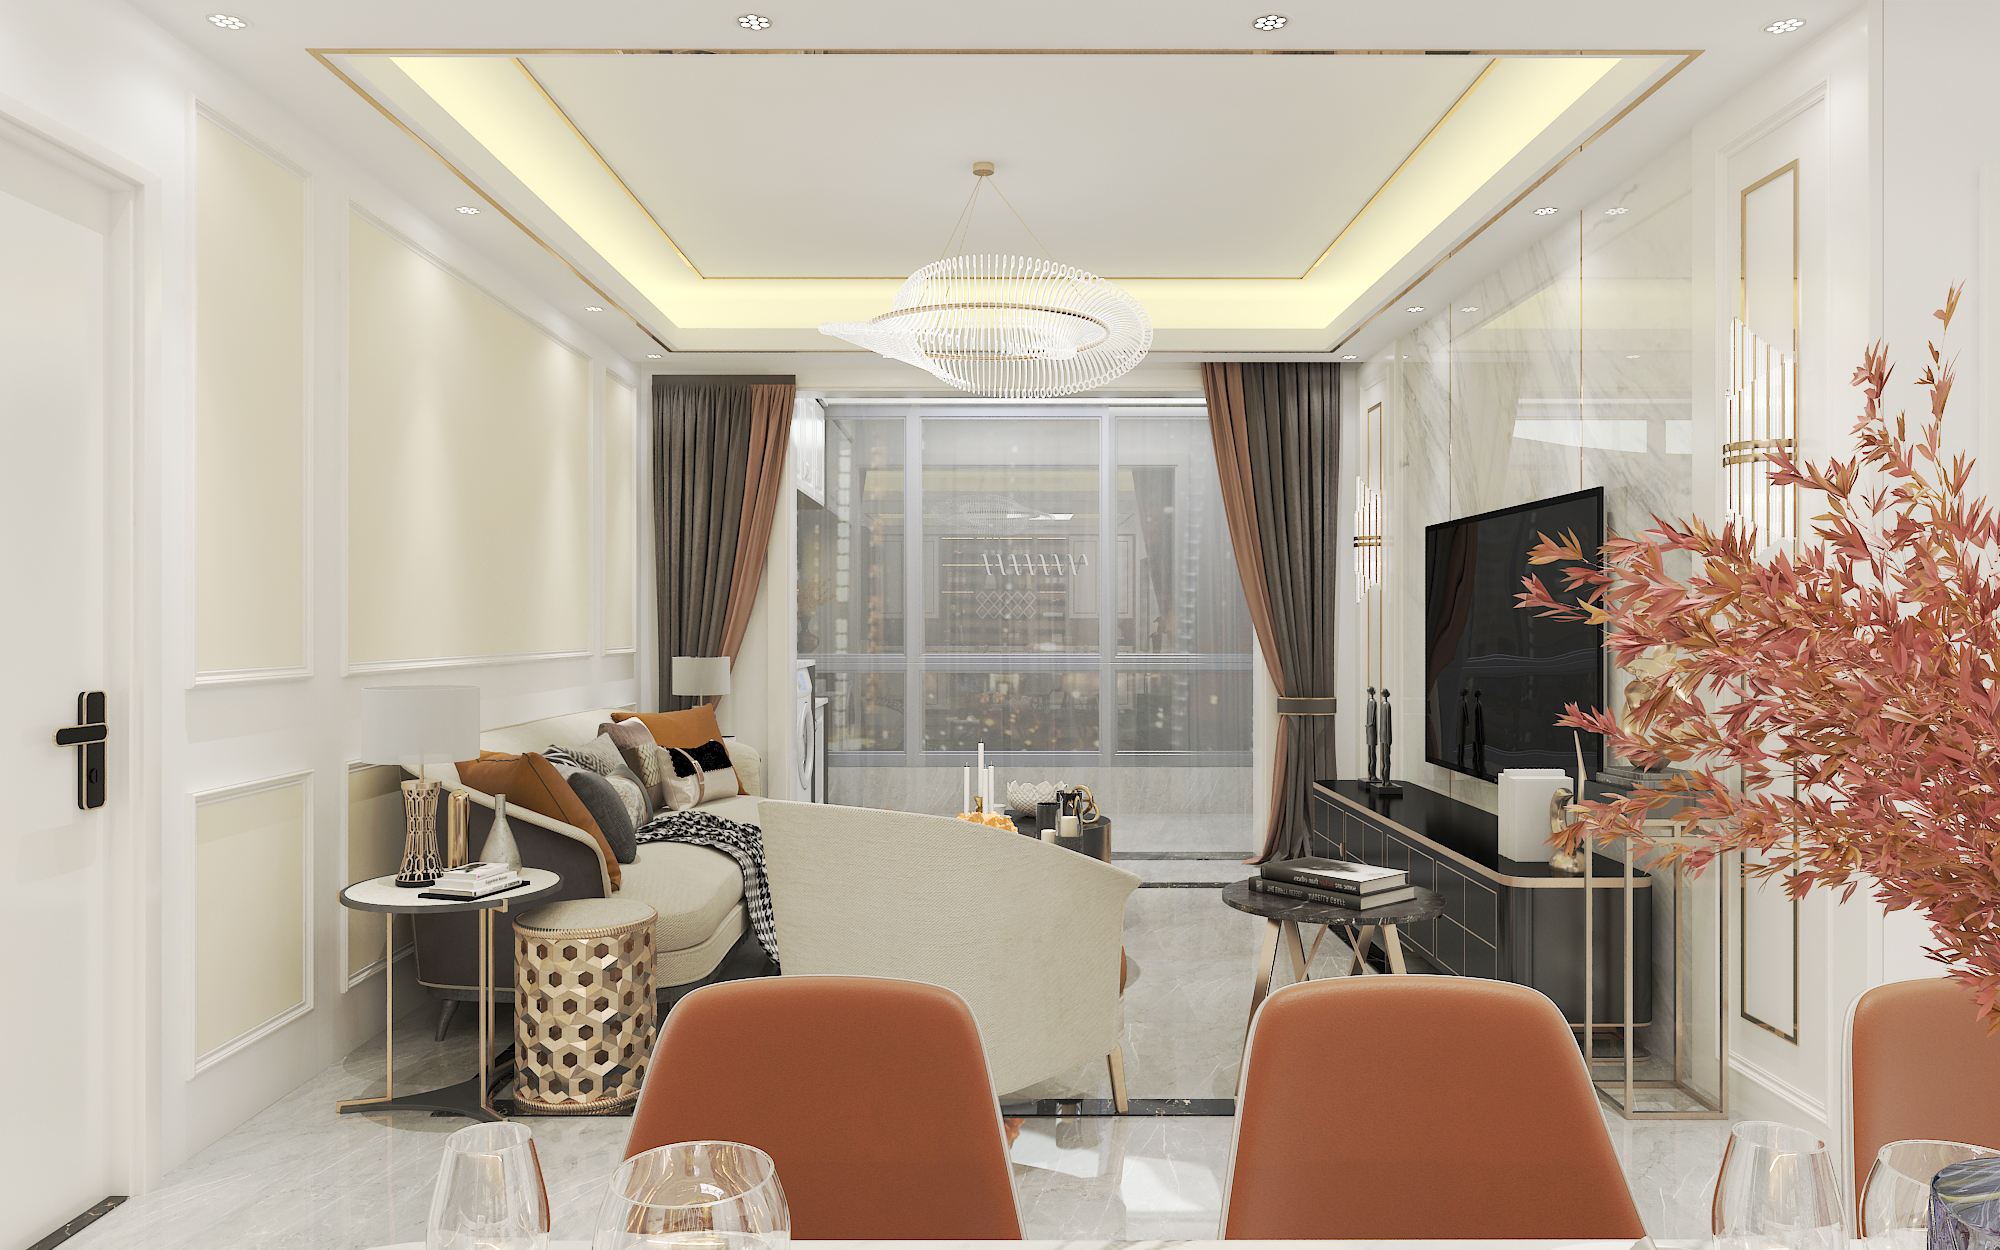 室内设计效果图家装设计装修设计施工图新中式现代简约VR全景图